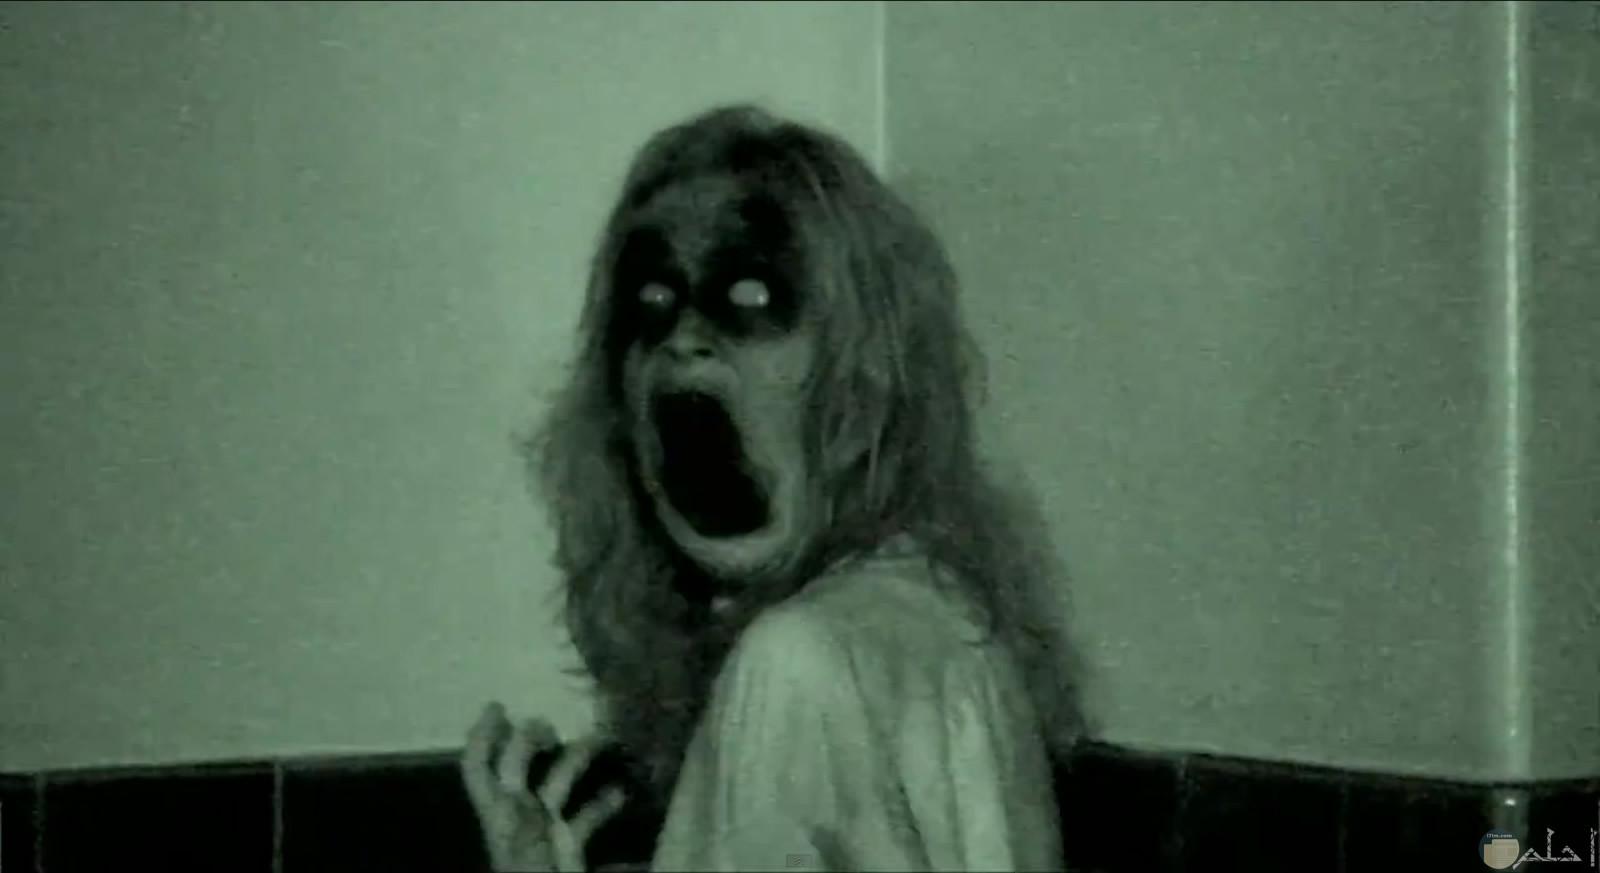 العفريت horror المخيف.